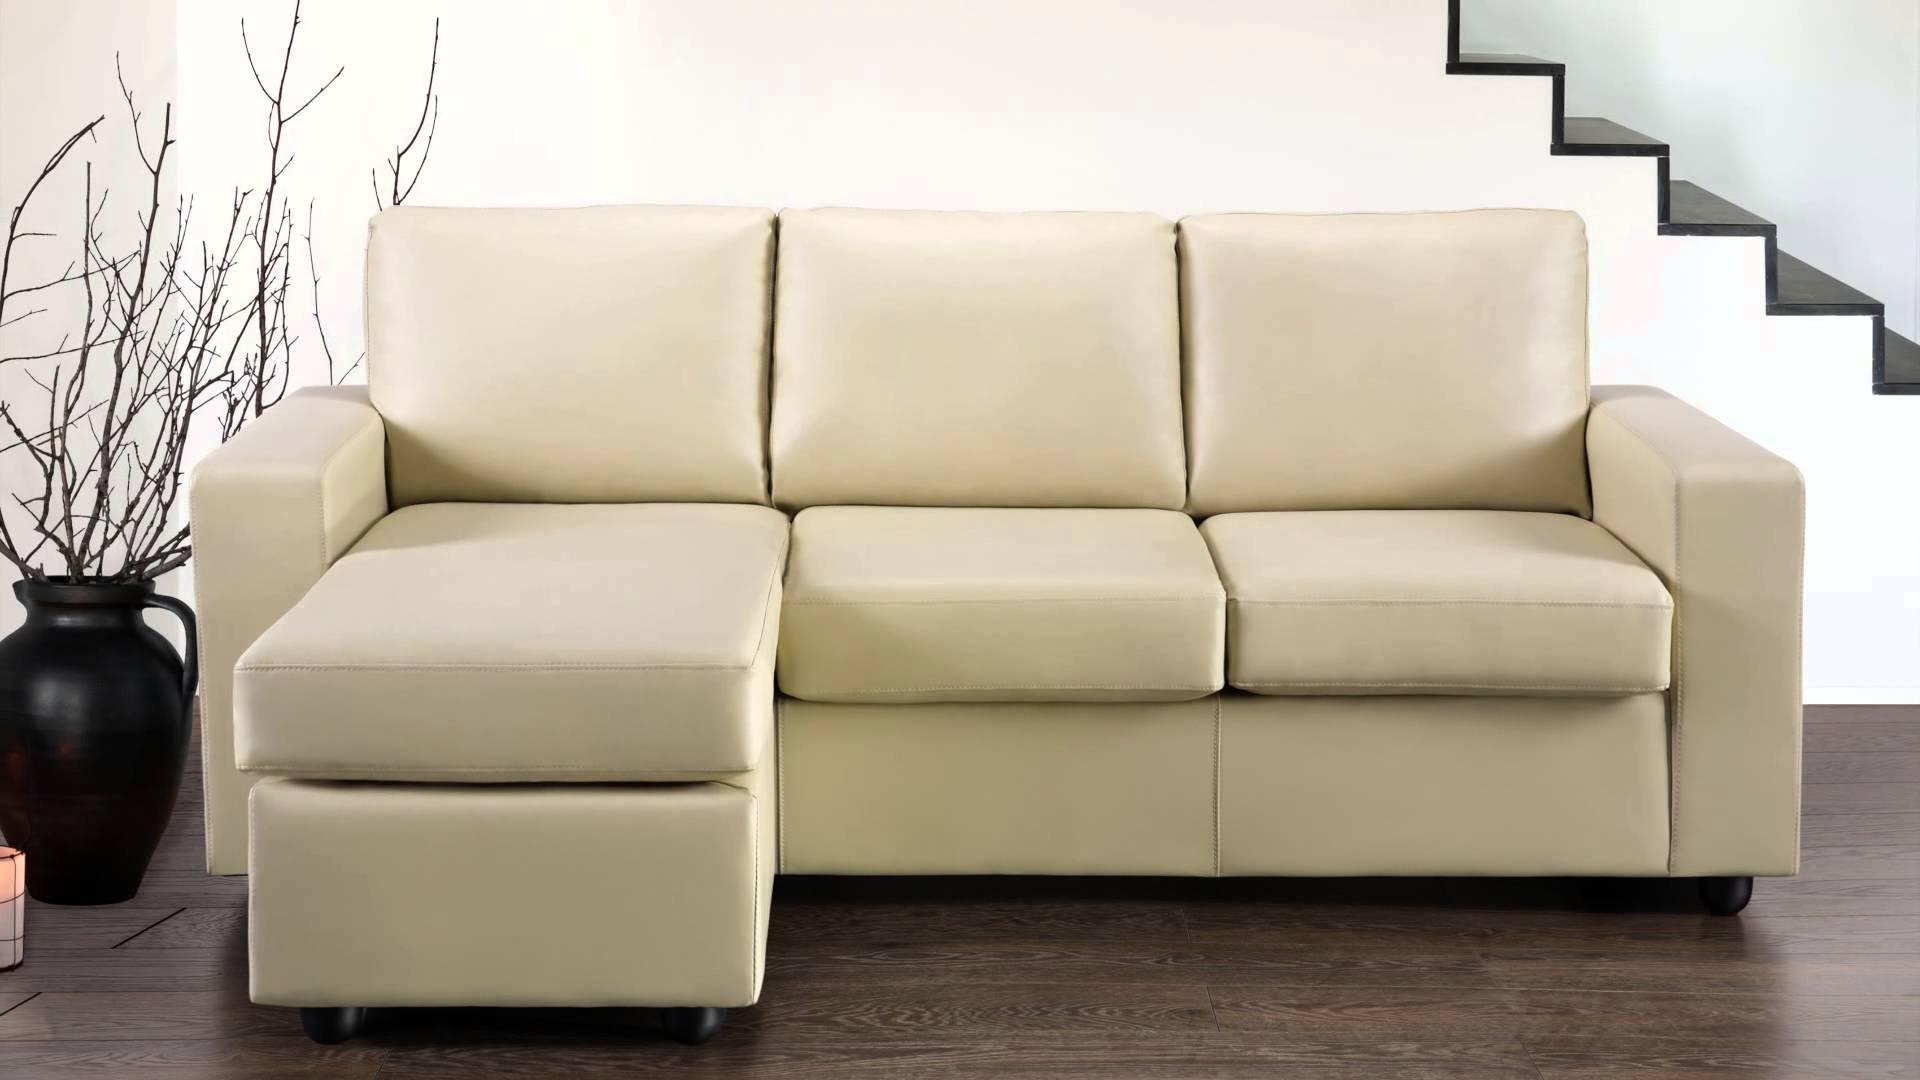 Full Size of Sofa Bezug Ecksofa Spannbezug Ideen Einfach Berzug Otto Hussen Für Mit Ottomane Ottoversand Betten Wohnzimmer Otto Hussen